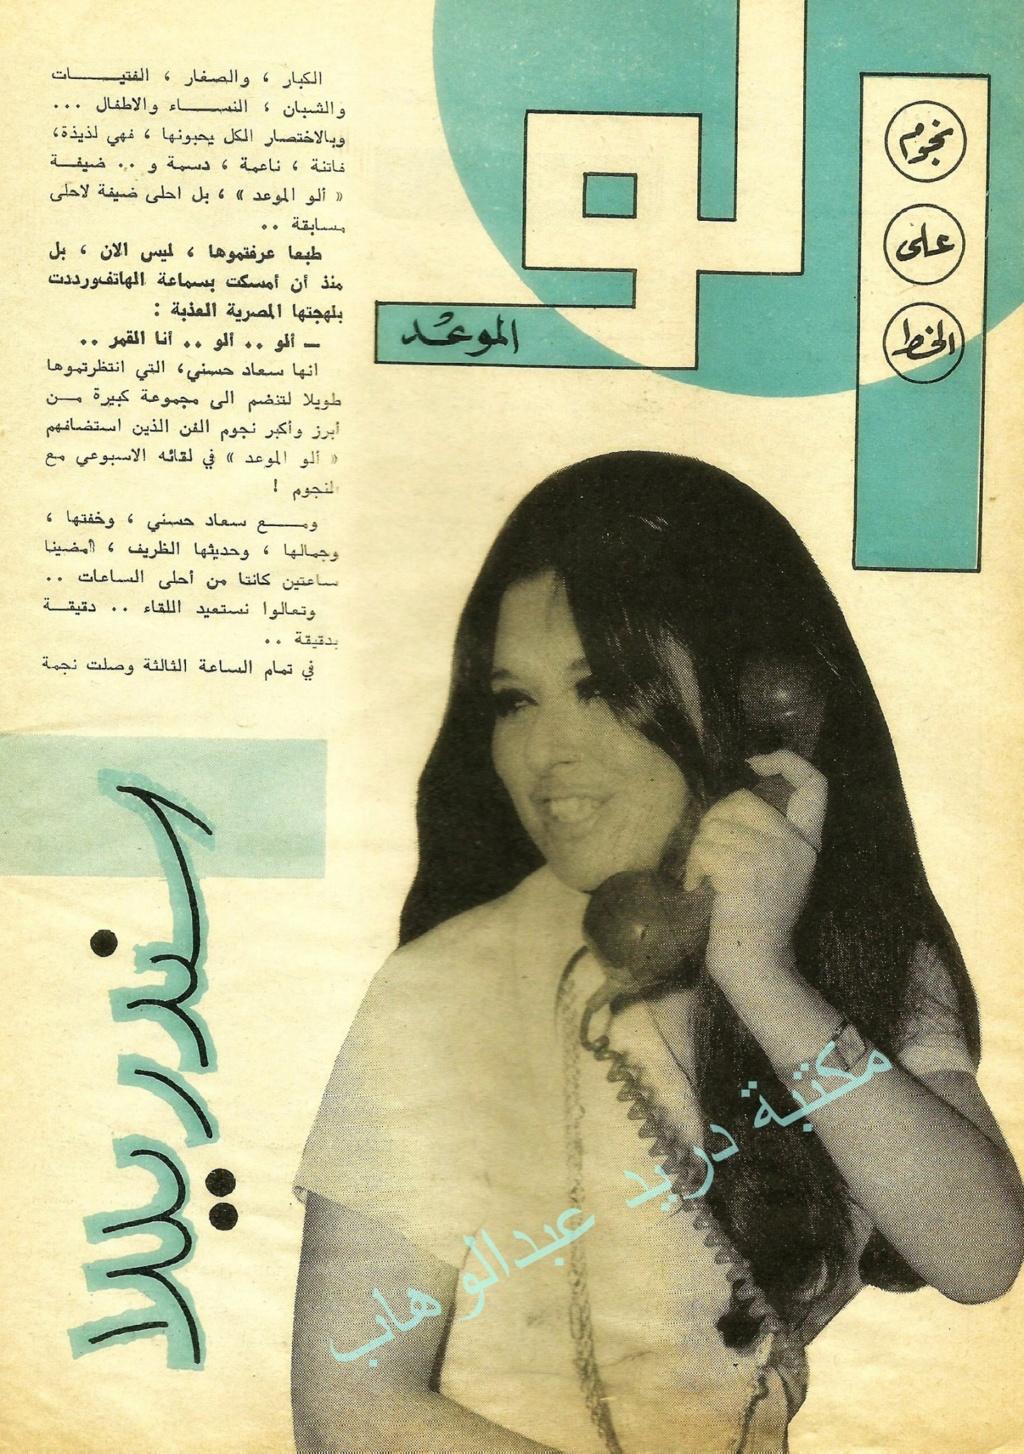 مقال صحفي : السندريللا .. والكل يحبونها 1969 م 1123